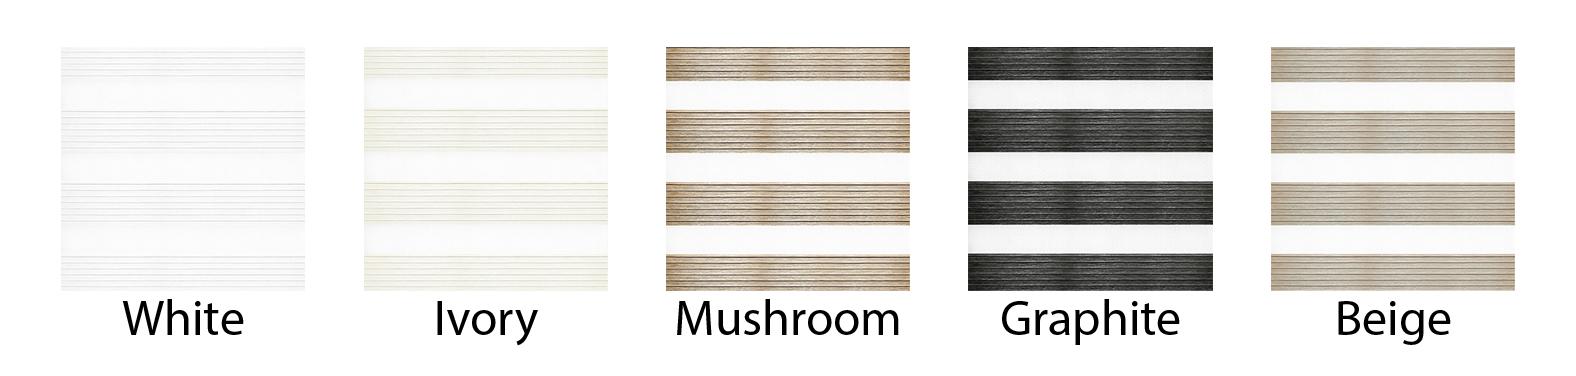 springblinds-zebra-blinds-color.jpg